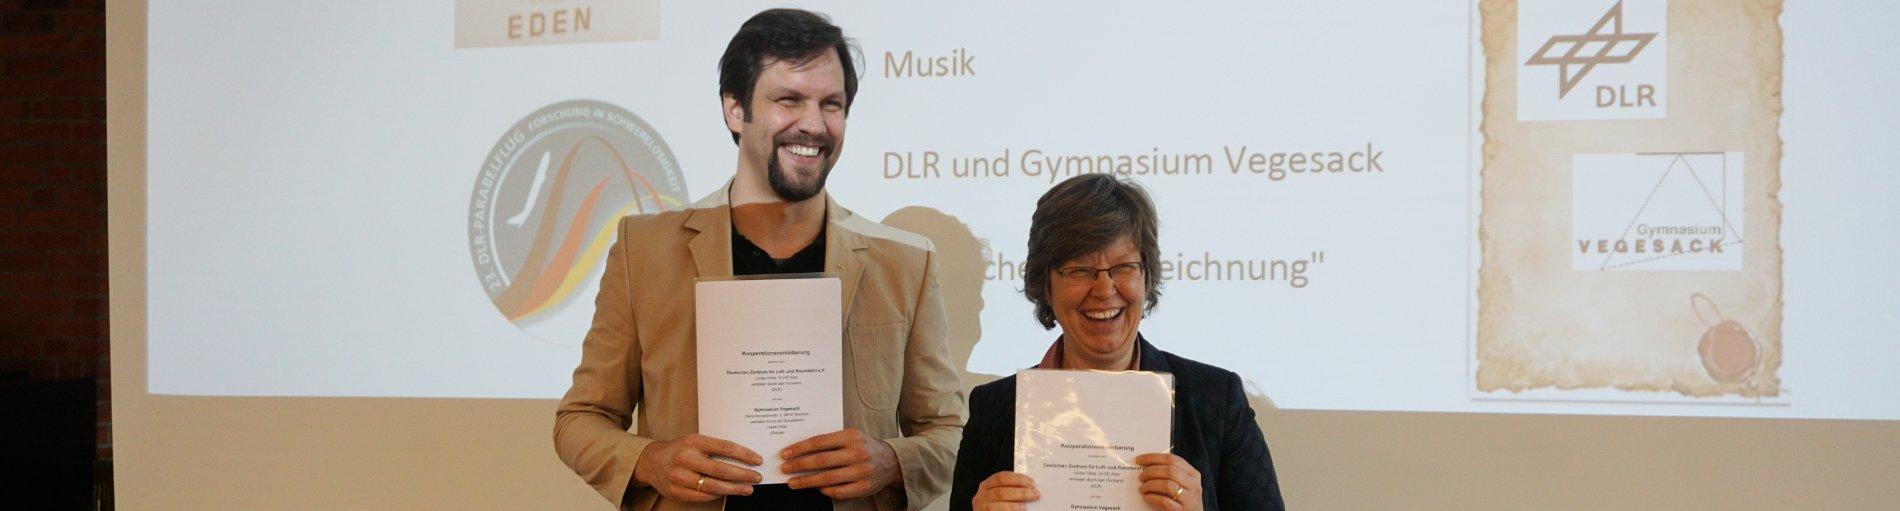 Ein Mann und eine Frau stehen vor einer Präsentationswand, vor sich ein Blatt Papier haltend und grinsen fröhlich.